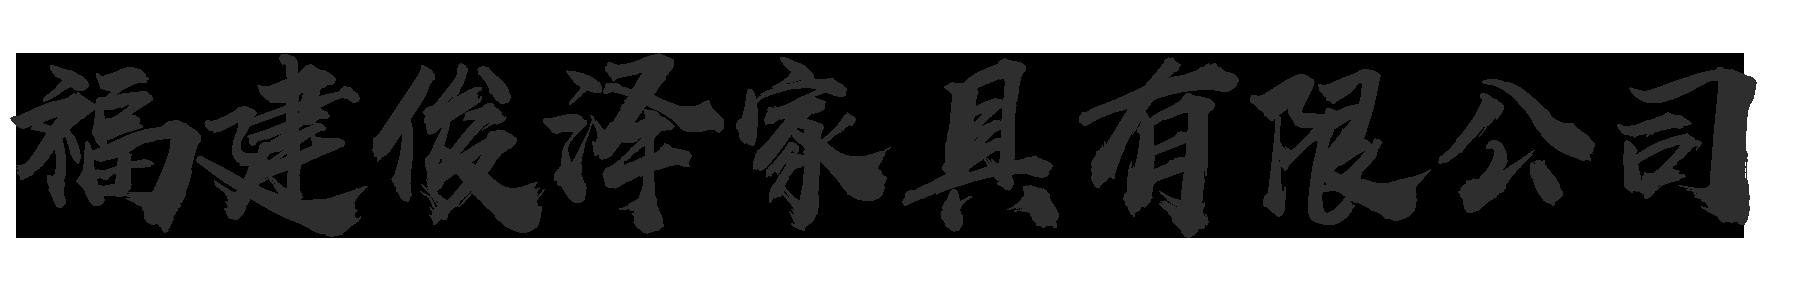 福建俊泽家具有限公司